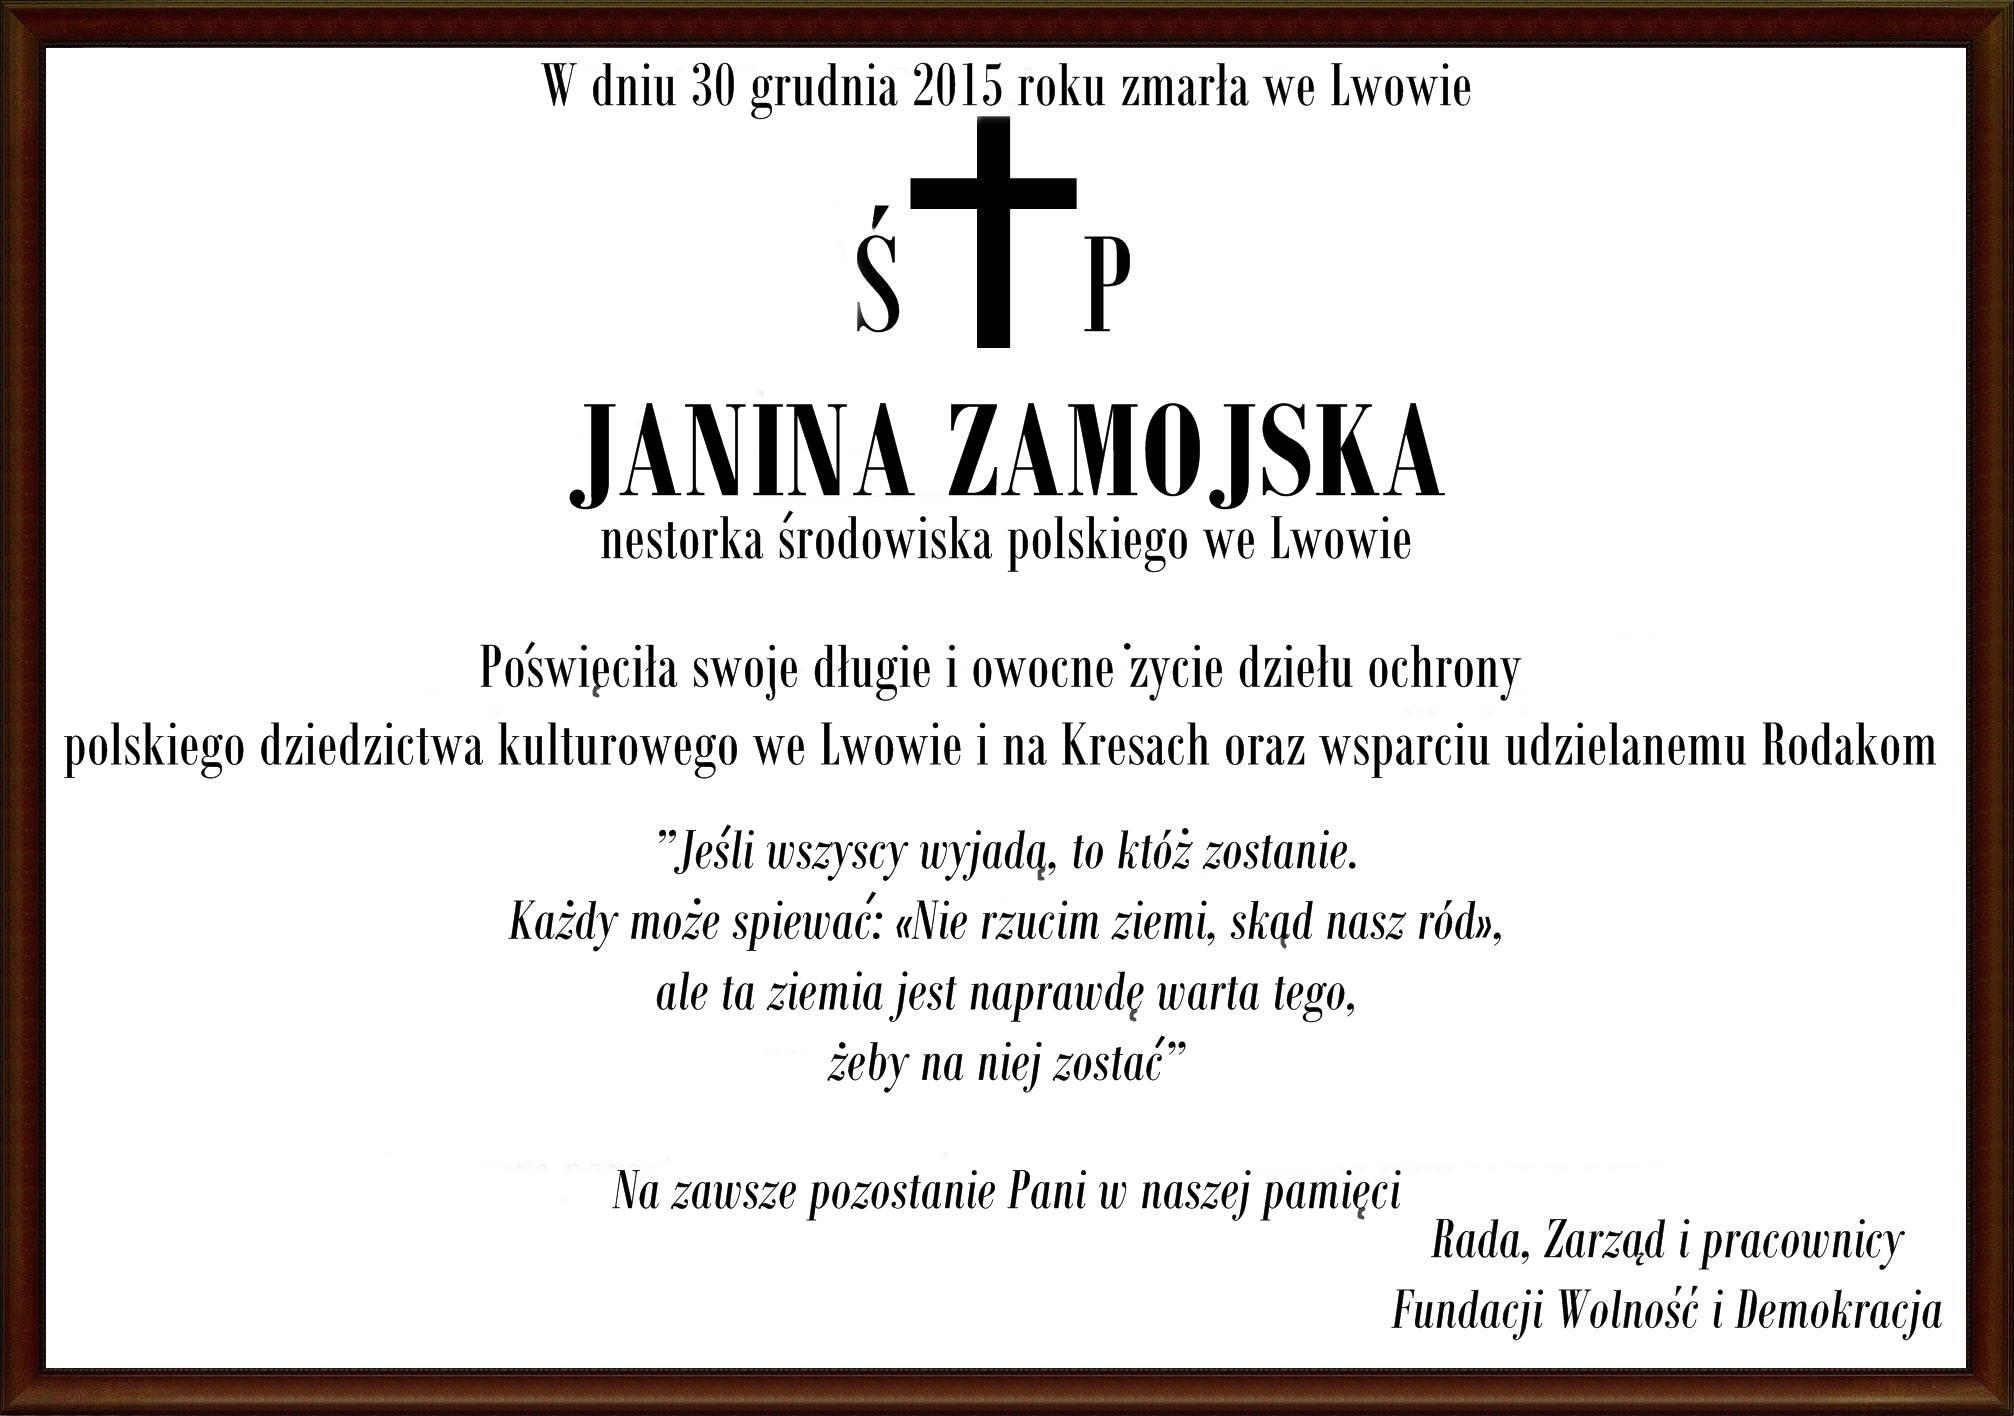 Pogrzeb Janiny Zamojskiej